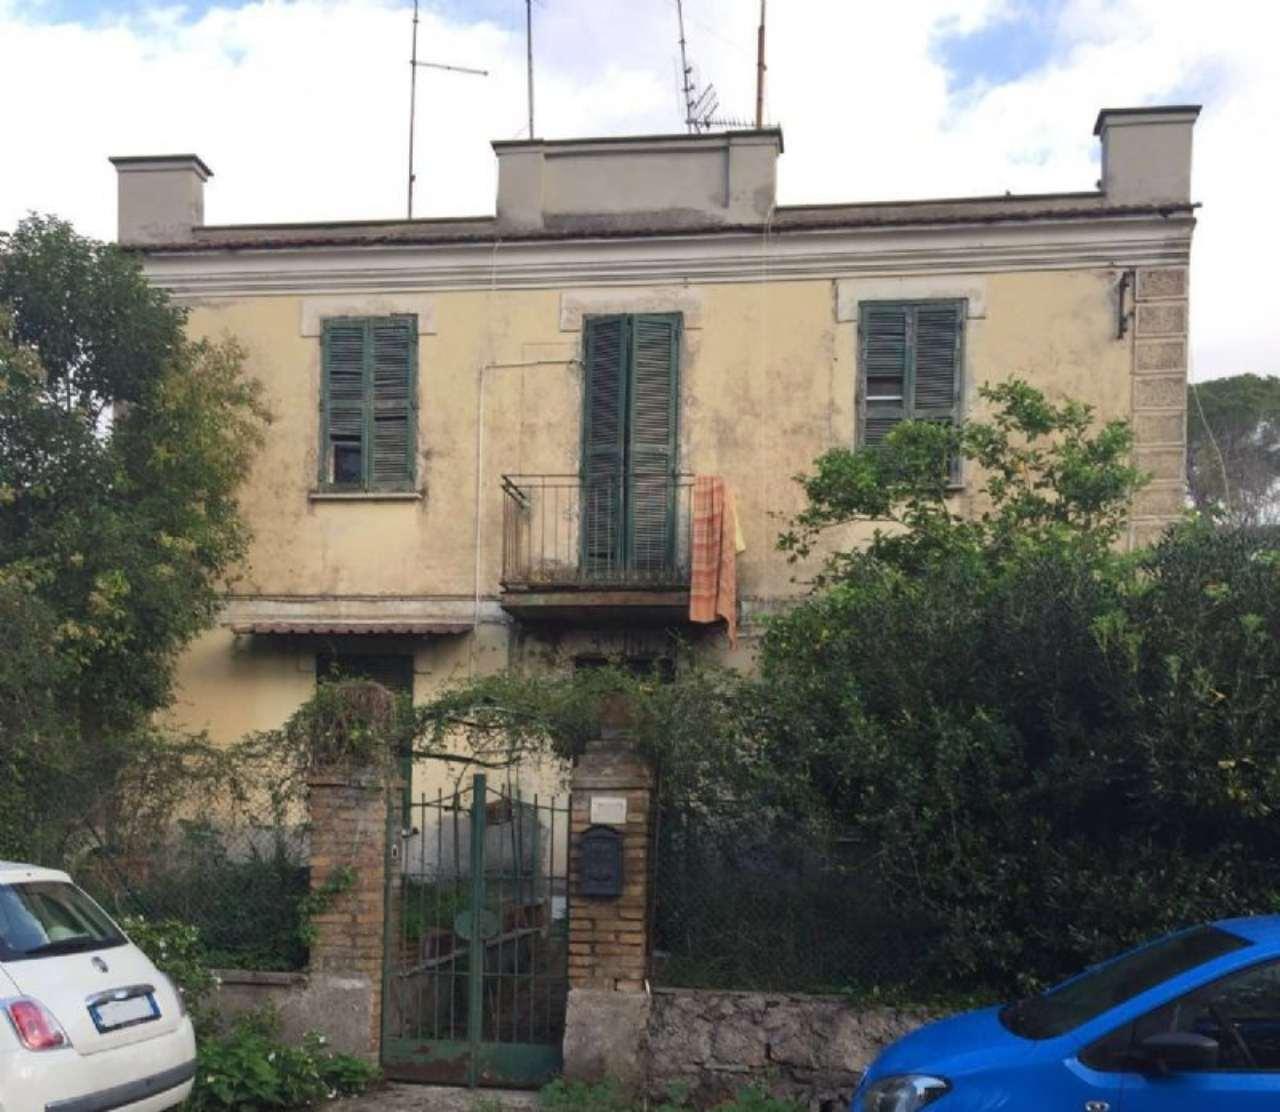 Palazzo / Stabile in vendita a Roma, 9 locali, zona Zona: 23 . Portuense - Magliana, prezzo € 328.000 | Cambio Casa.it